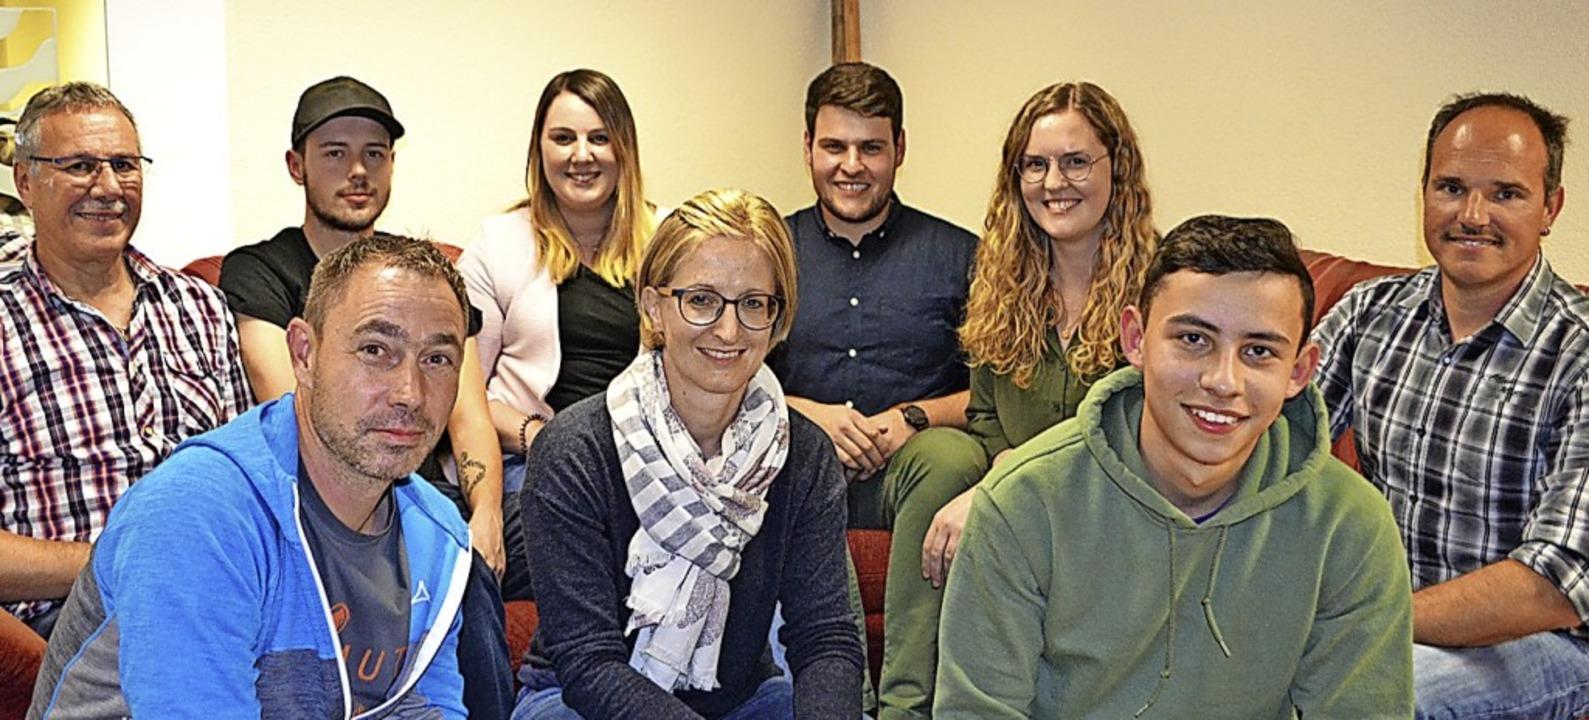 Neuer Vorstand (vorne, von links): Mic... Graß, Janina Behringer, Heiko Köpfer.  | Foto: Paul Berger